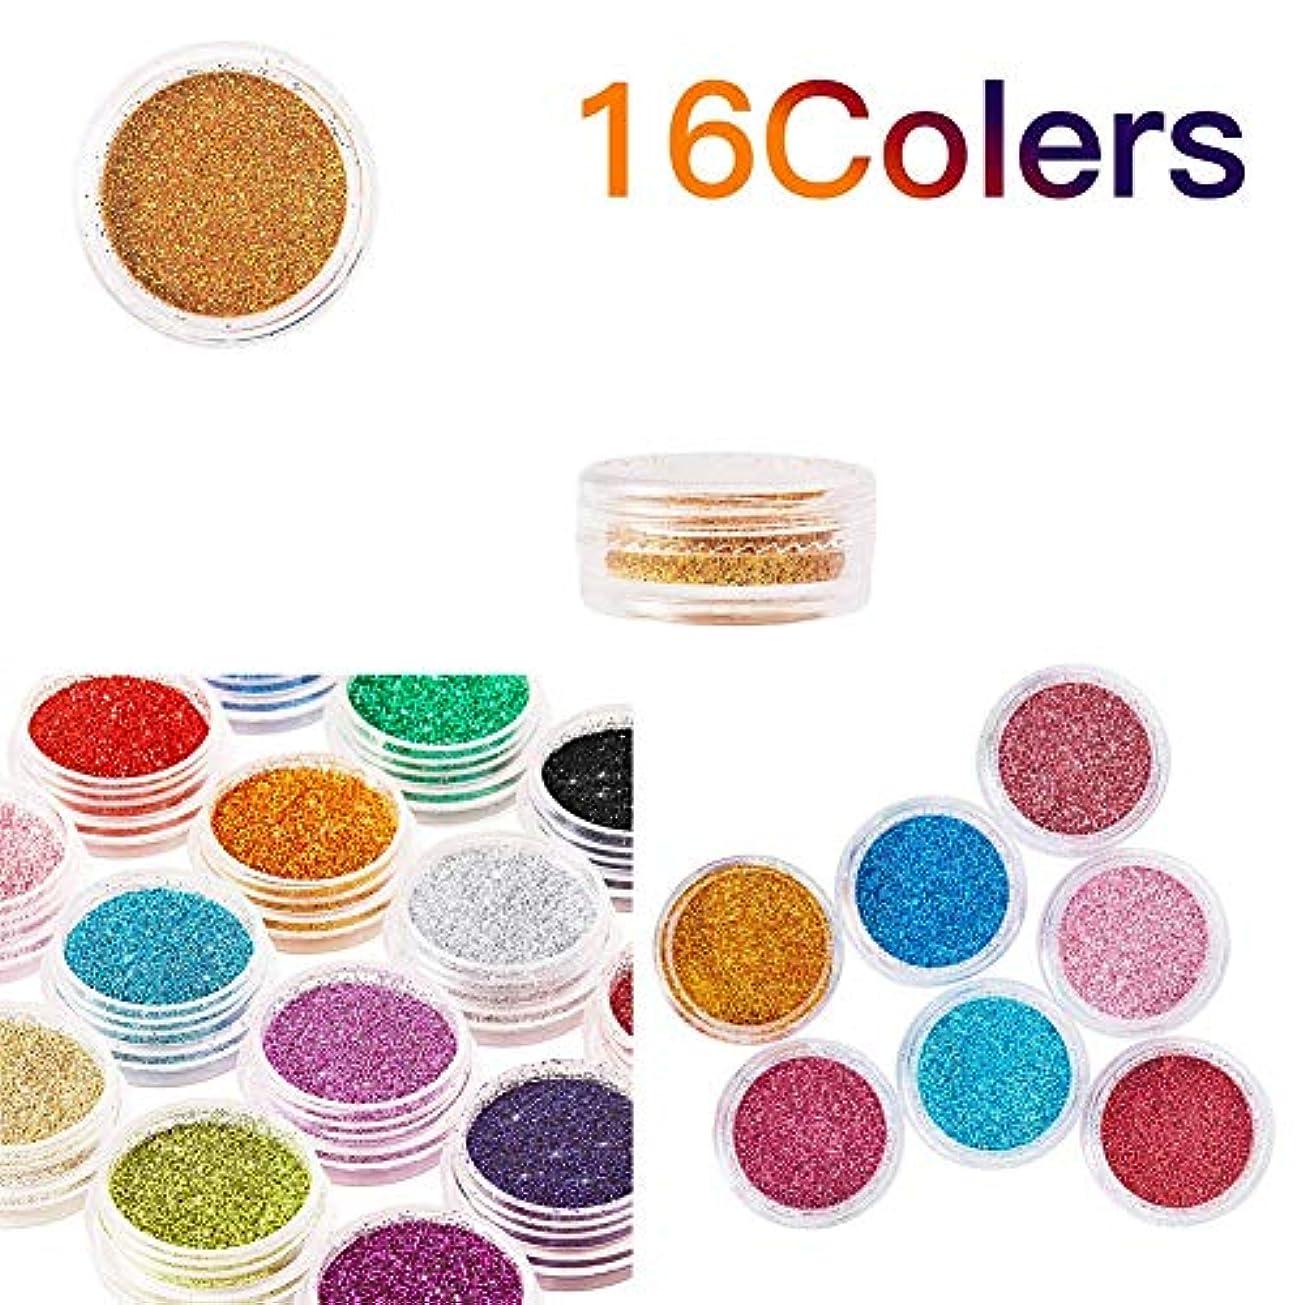 症候群そばにマイクロプロセッサ16色グリッターネイルスパンコールパウダー、シマーダストパウダーデコレーション、化粧品グリッターミネラルアイシャドウアイメイクシャドウ顔料パウダー